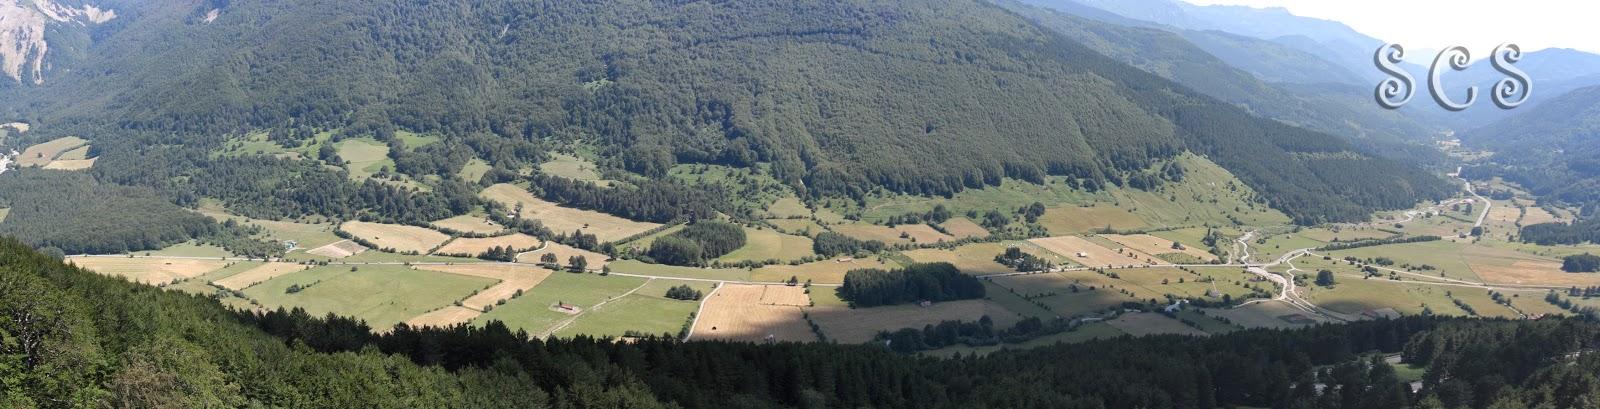 Panorámica desde el Mirador de Larra-Belagua en el Valle de Belagua (Navarra, España)